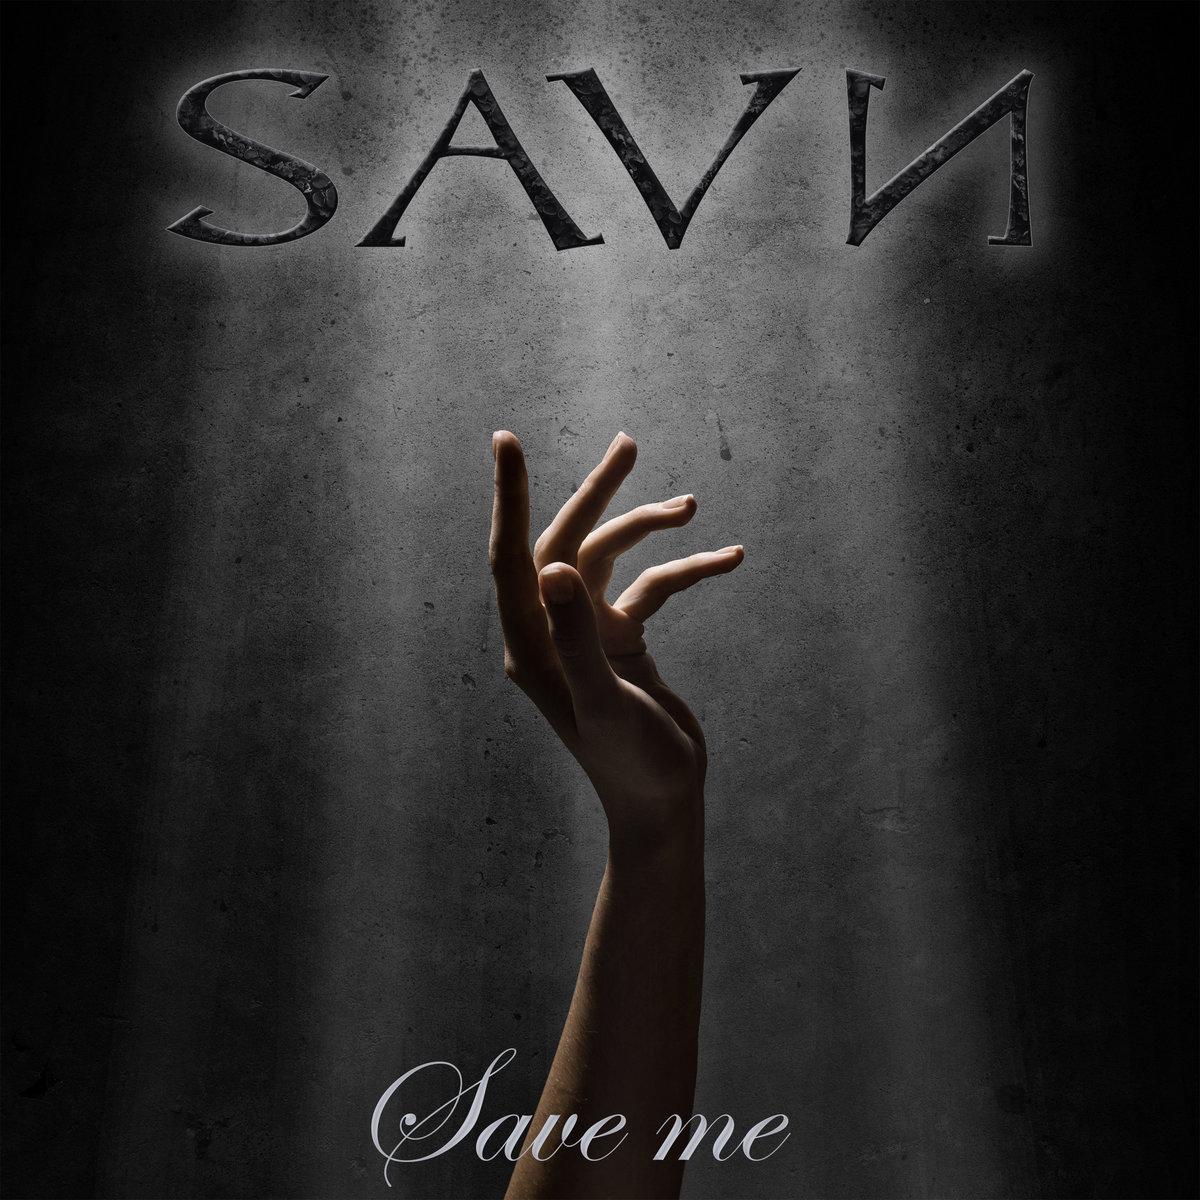 Save me by Savn